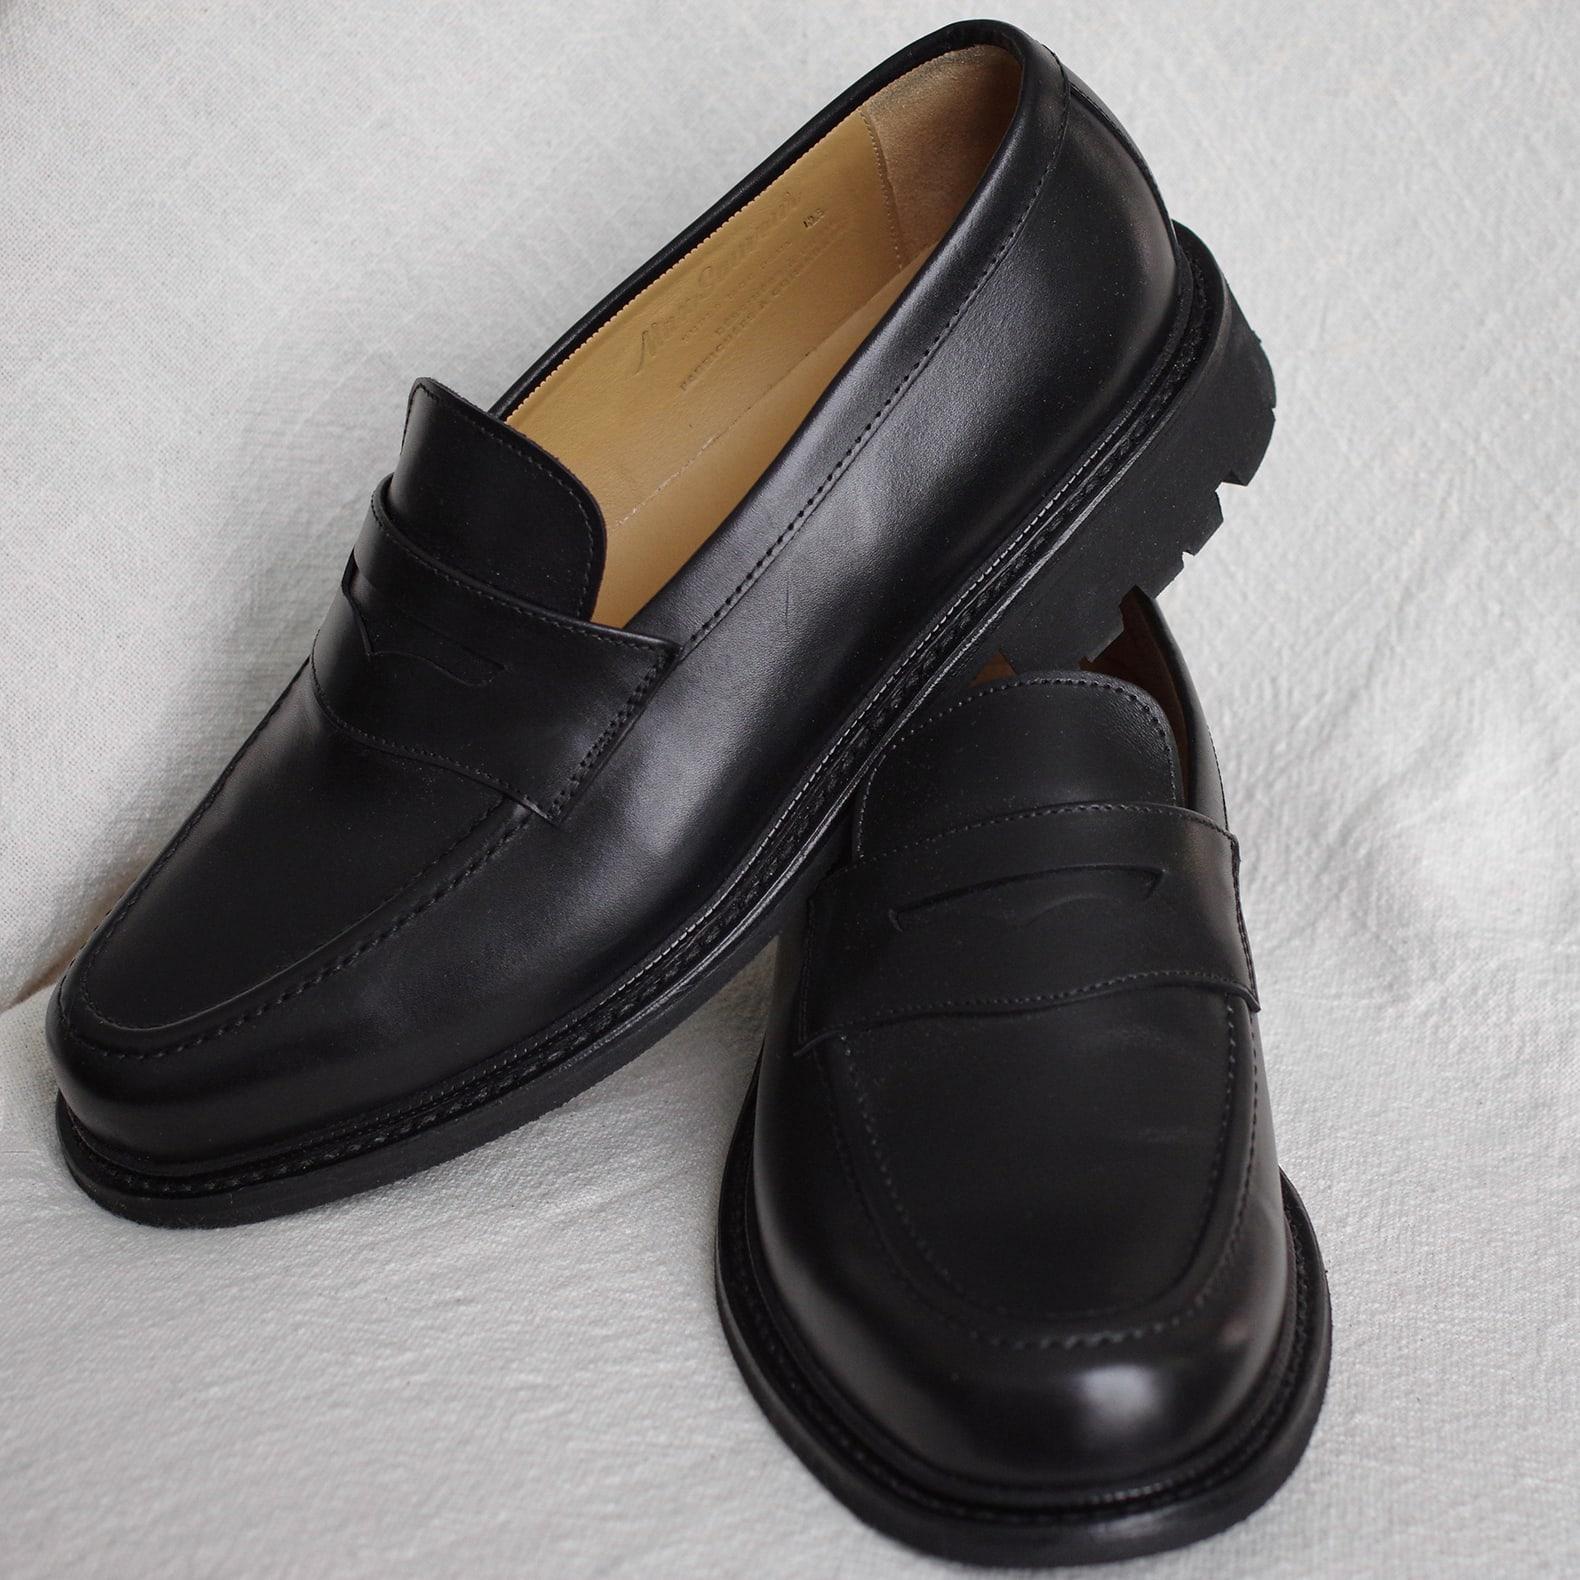 paire de mocassins de couleur noire avec une semelle commando